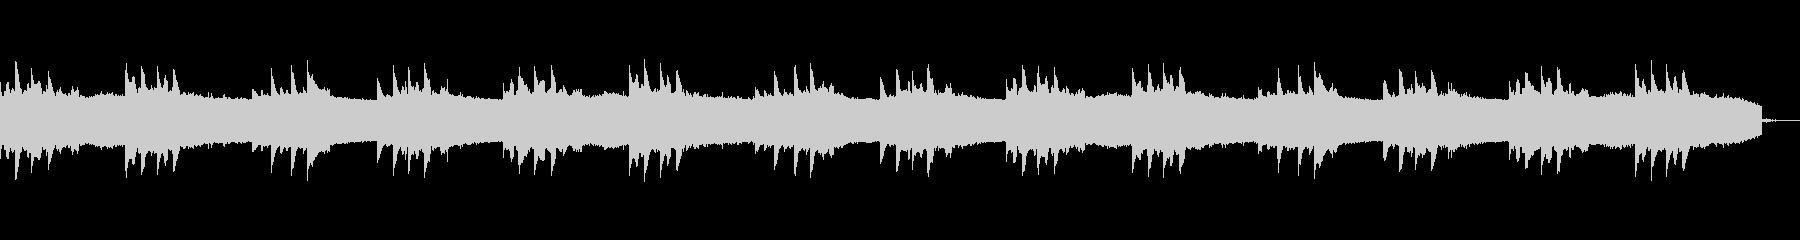 ピアノメインの幻想的で静かなオープニングの未再生の波形